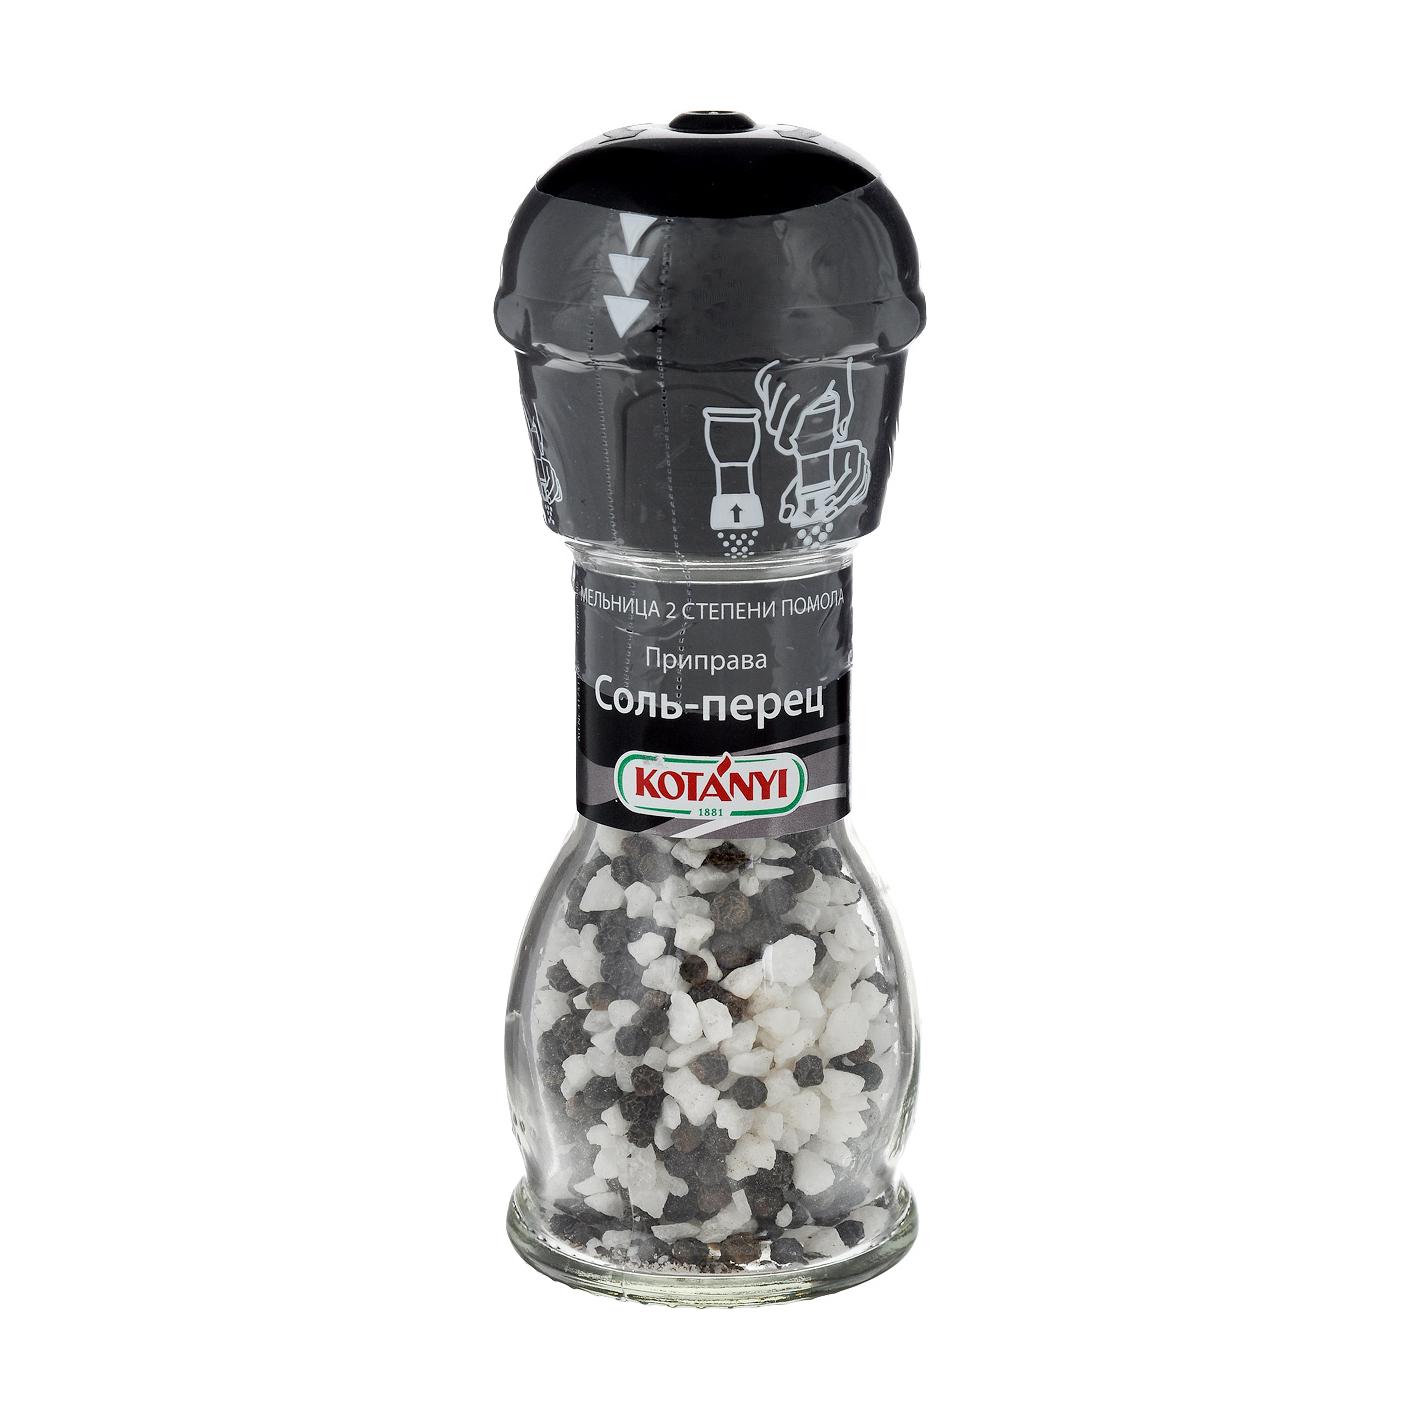 Приправа Kotanyi соль-перец 65 г перец черный горошек kotanyi 36 г